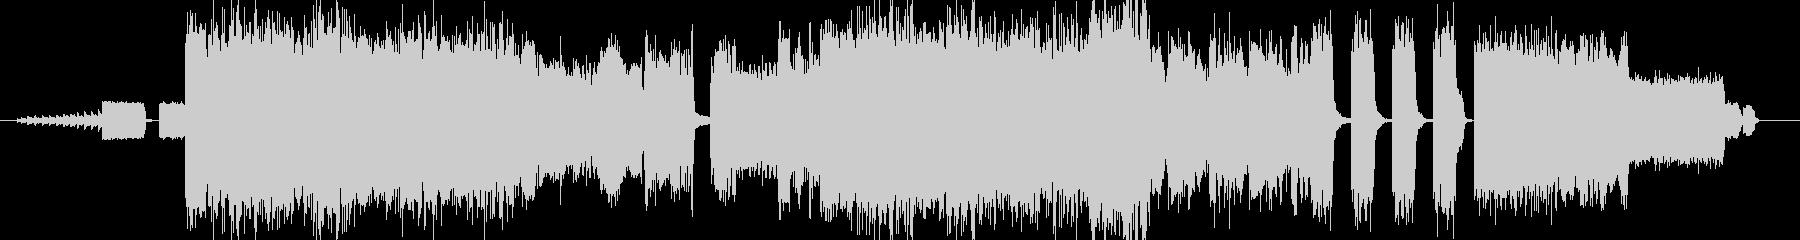 『超』激しい不快、雑音な重低音の作曲♪の未再生の波形